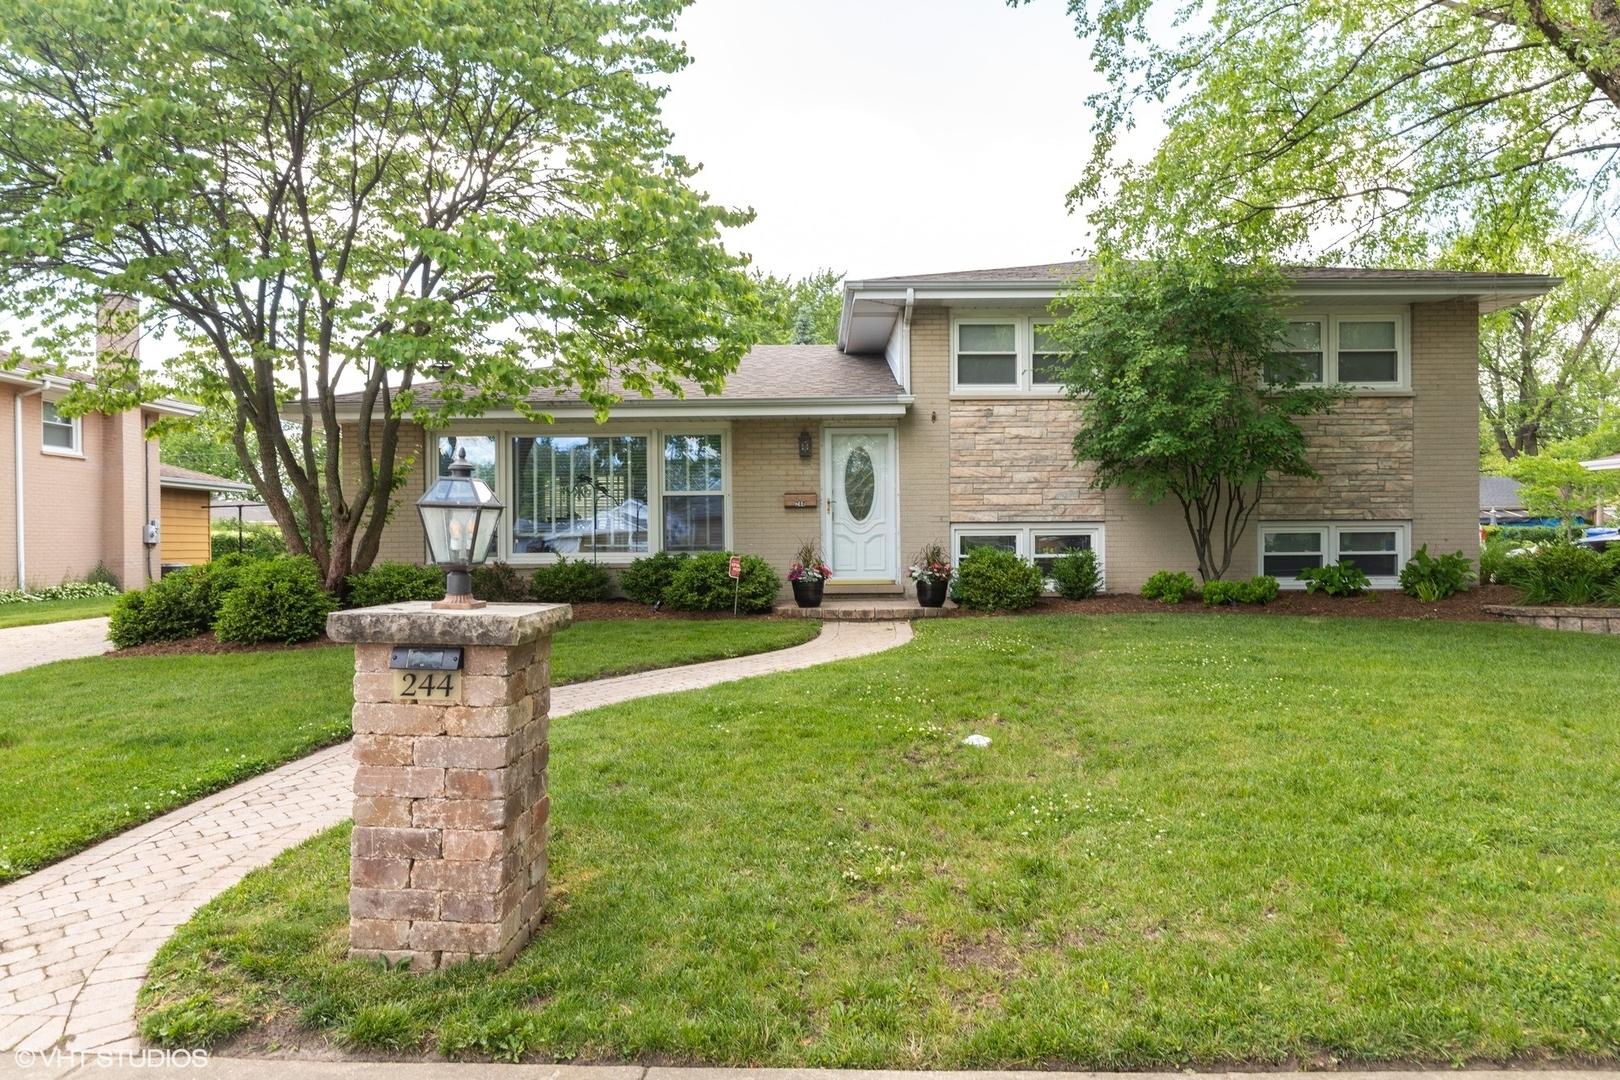 244 Michael Manor #  Glenview IL 60025